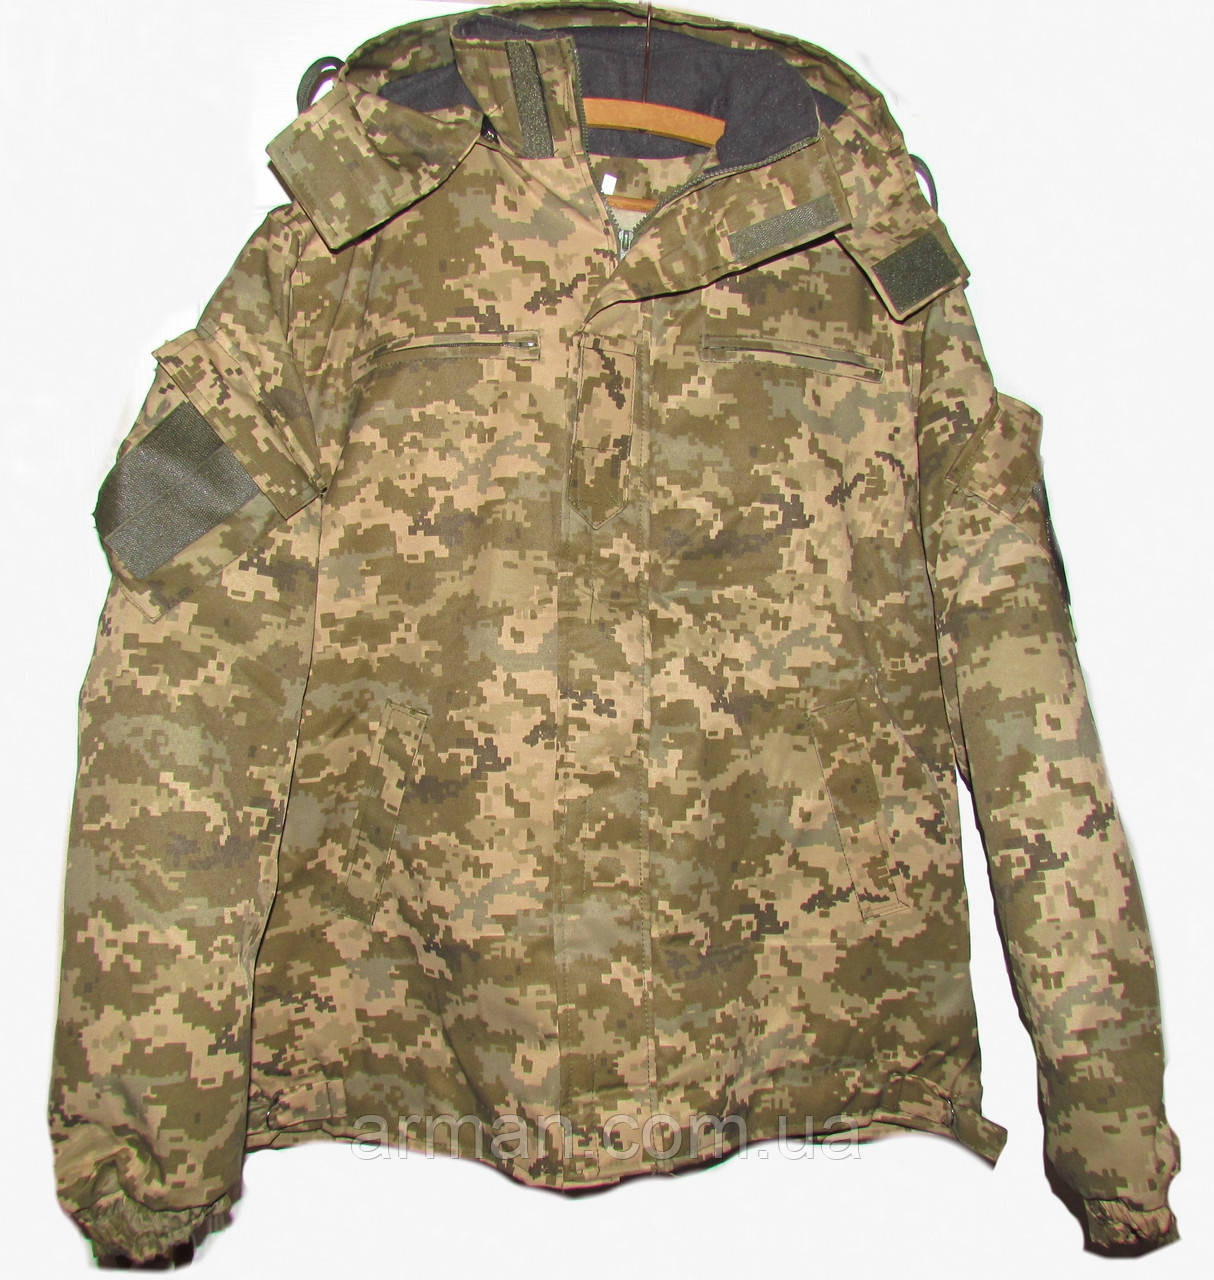 Зимняя куртка пиксель ВСУ. Очень качественная ткань ВО-ММ-14